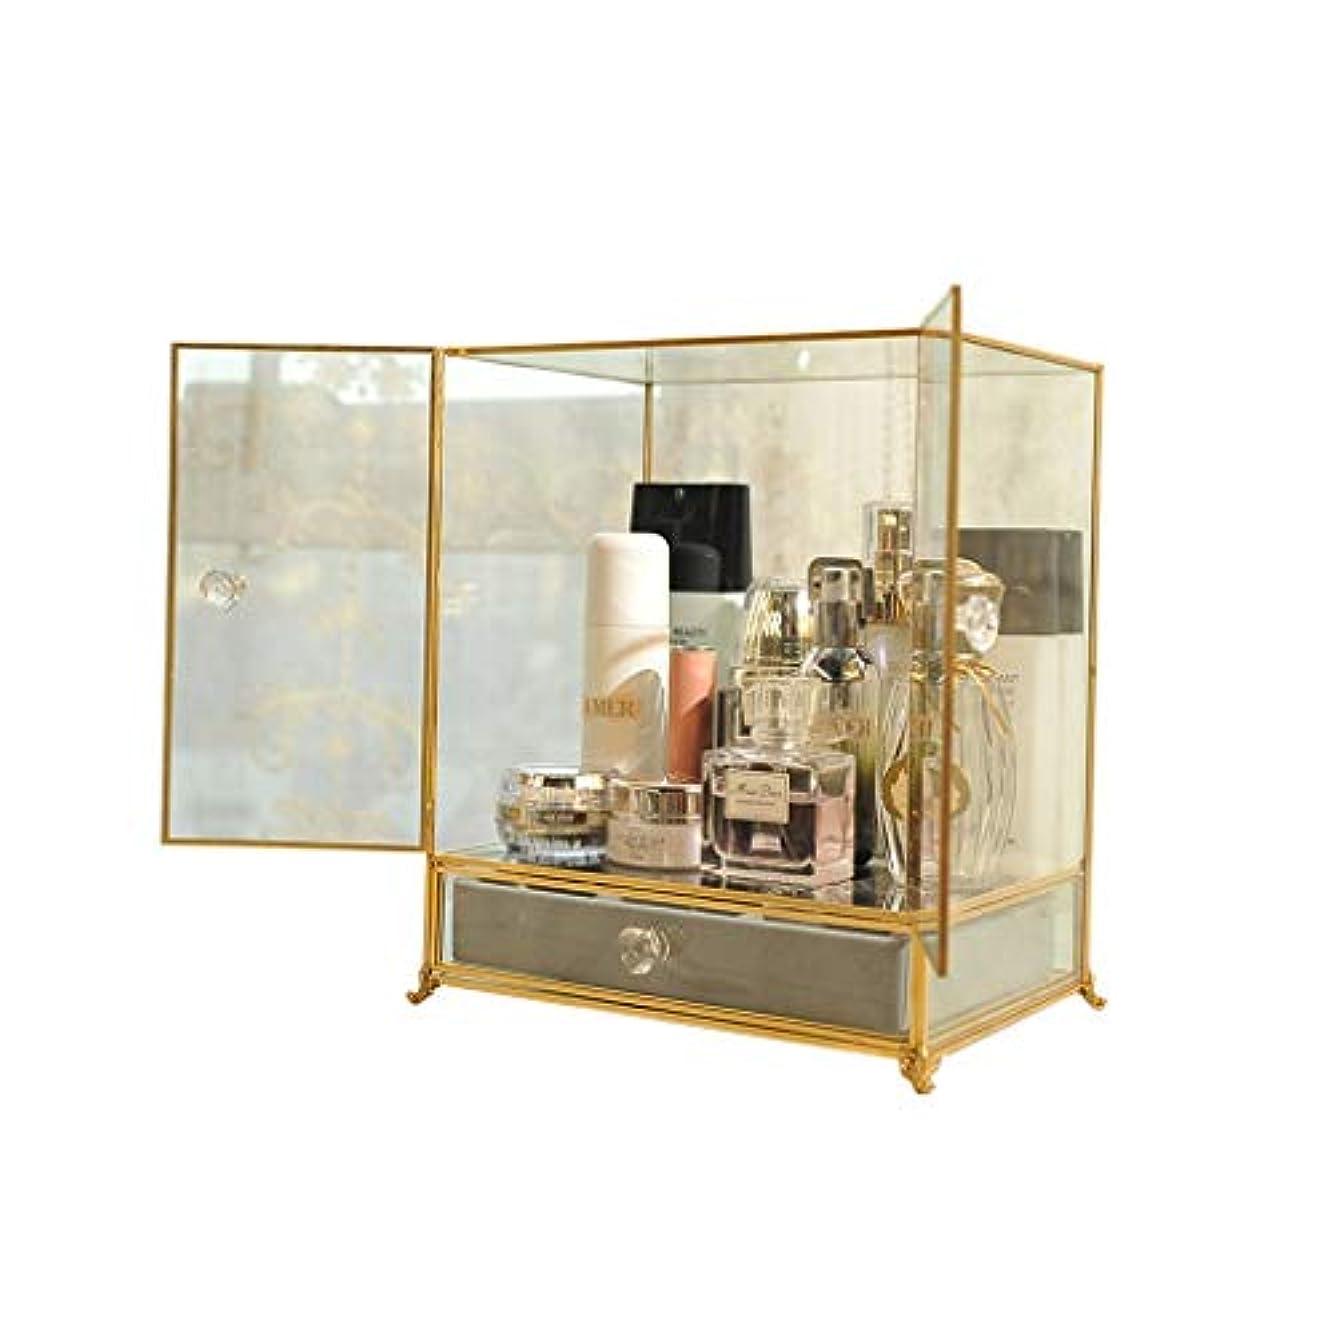 迷惑衝突コース地下収納キャビネットガラス化粧品収納ボックス引き出しジュエリー香水ドレッシングテーブル仕上げ